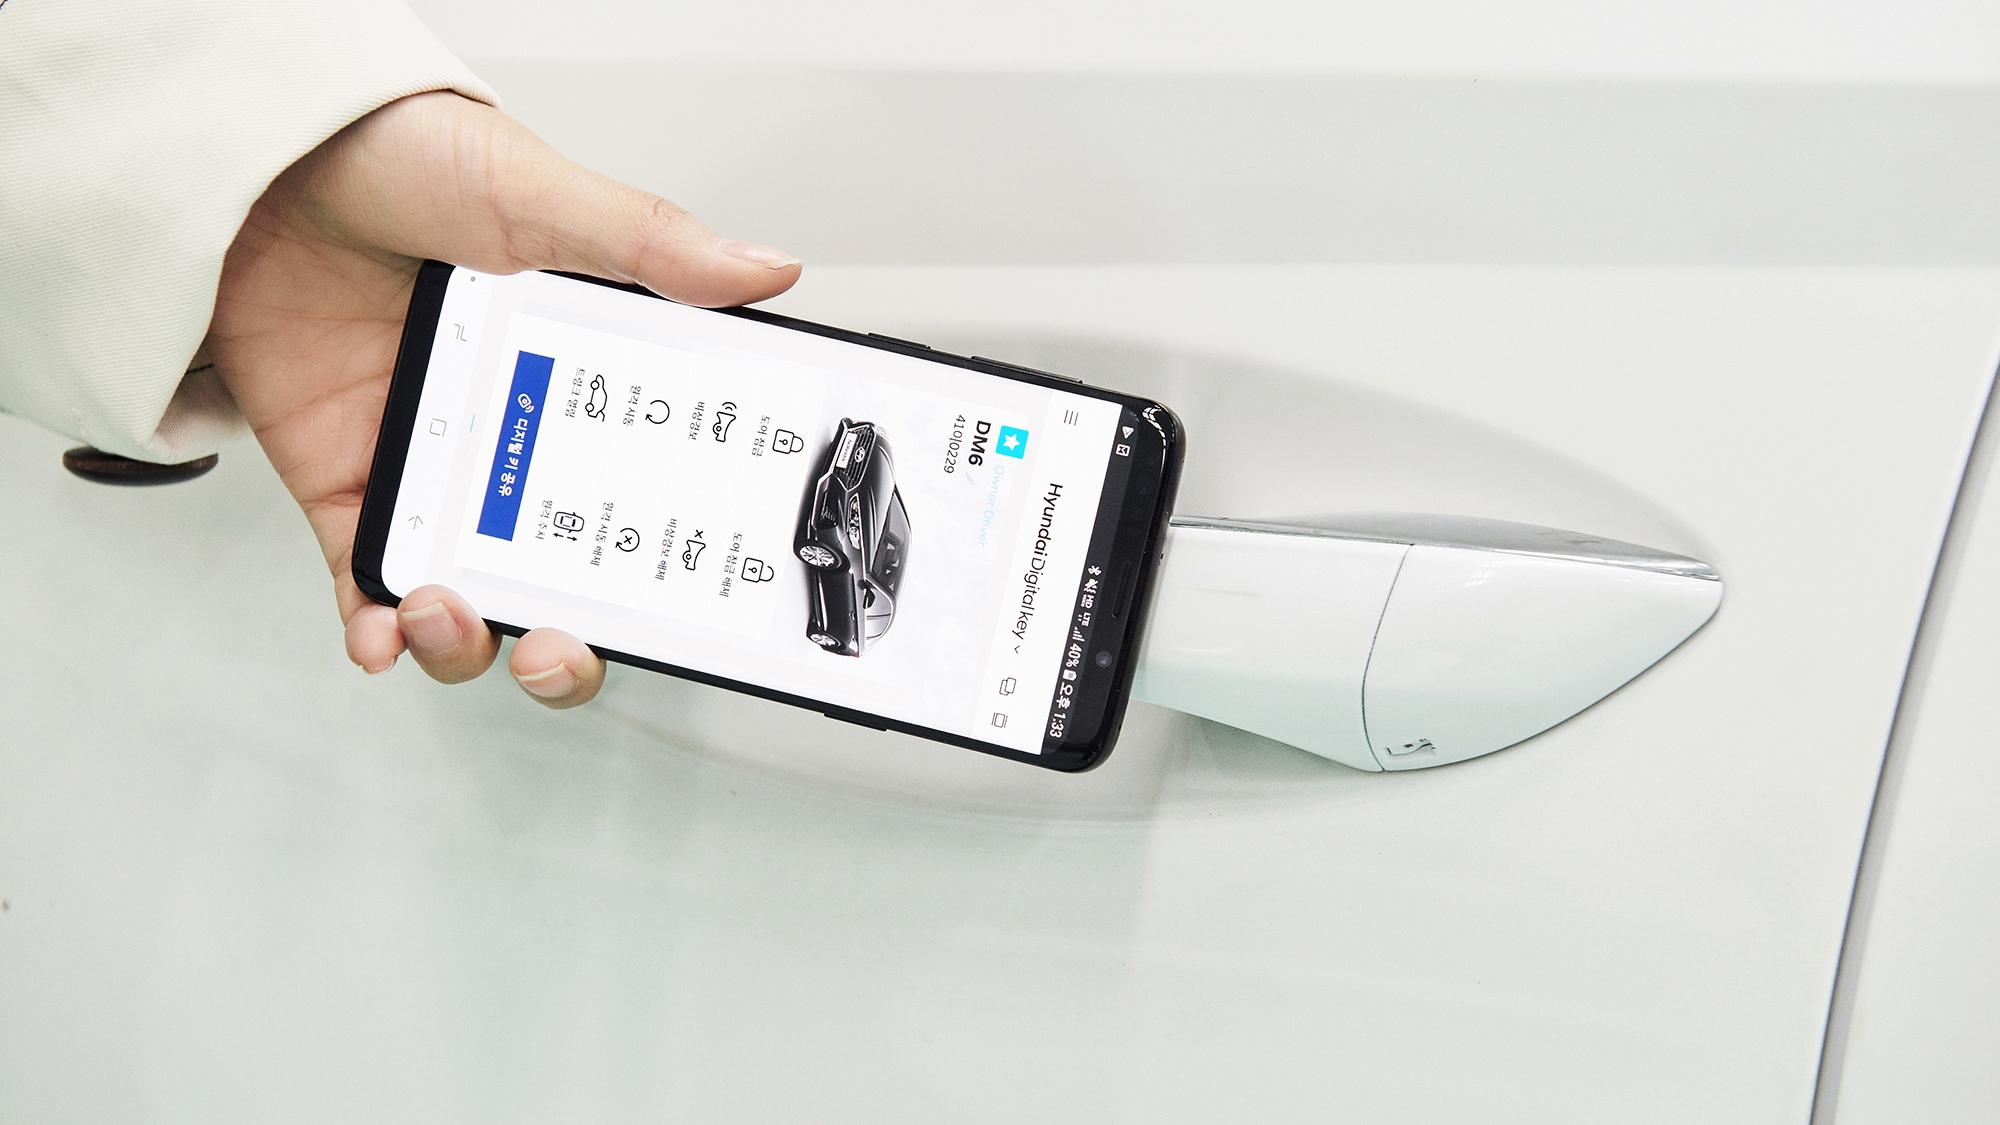 Hyundai phone-as-key technology